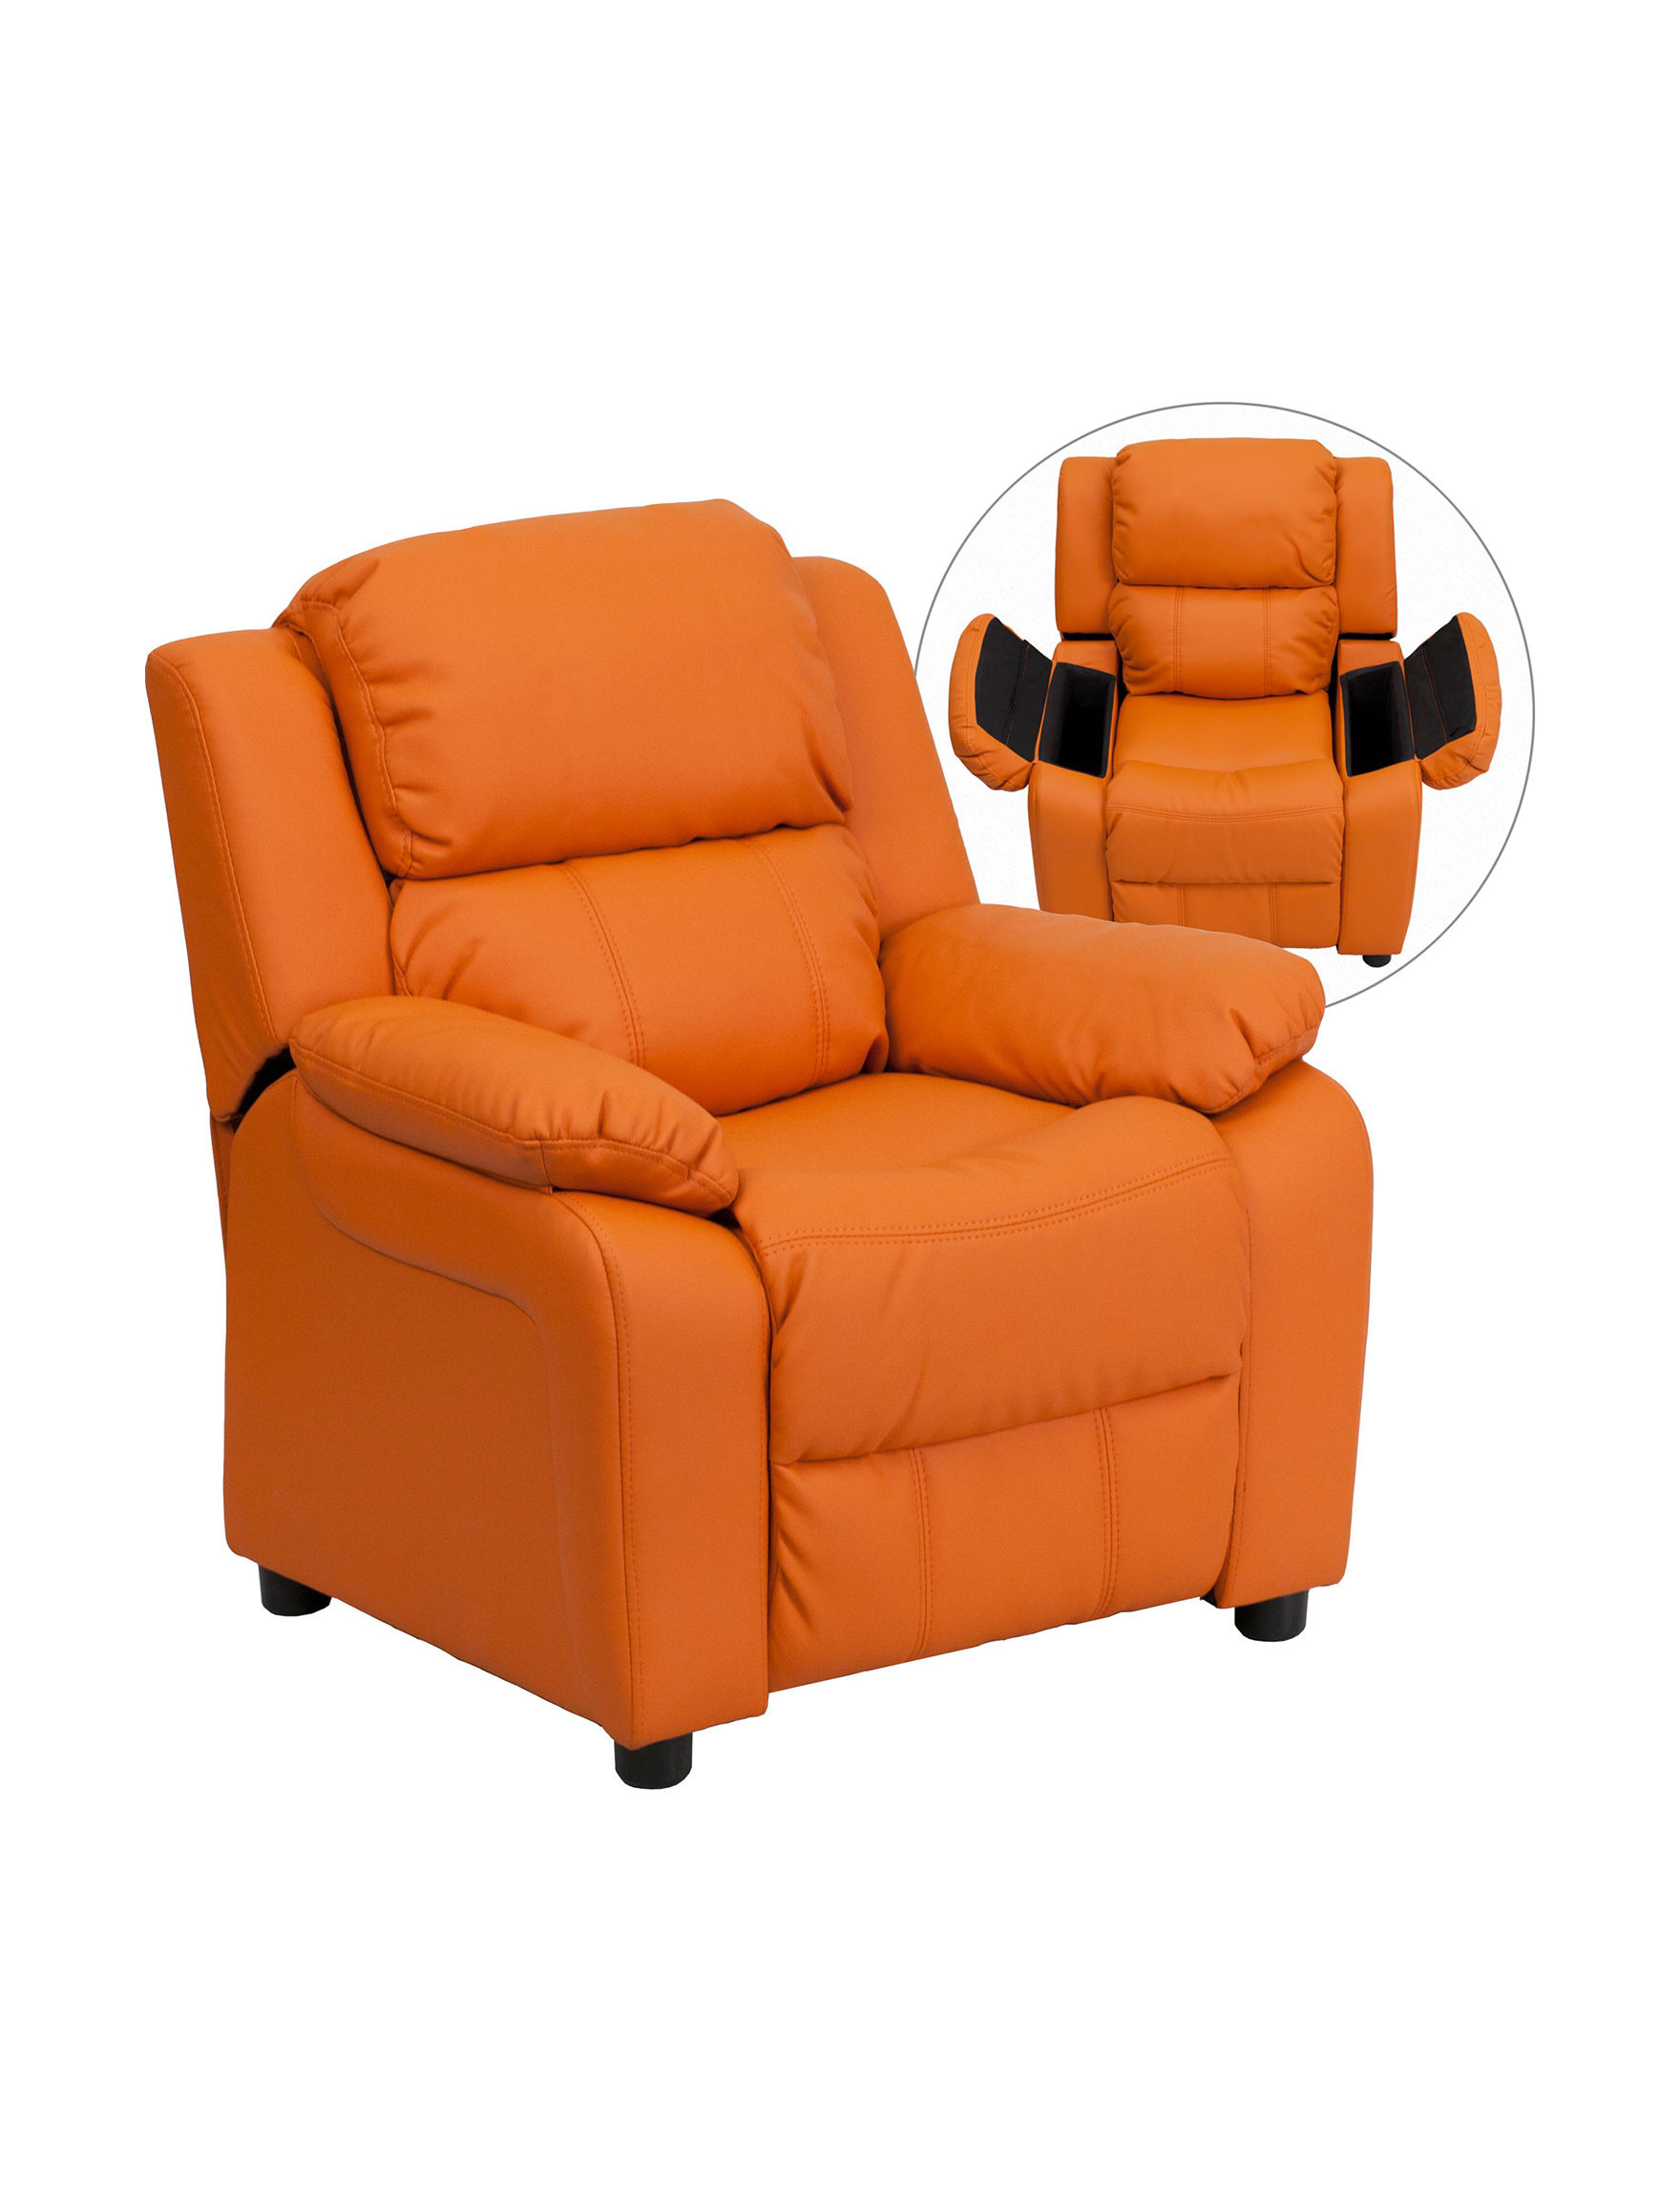 Flash Furniture Orange Bedroom Furniture Living Room Furniture